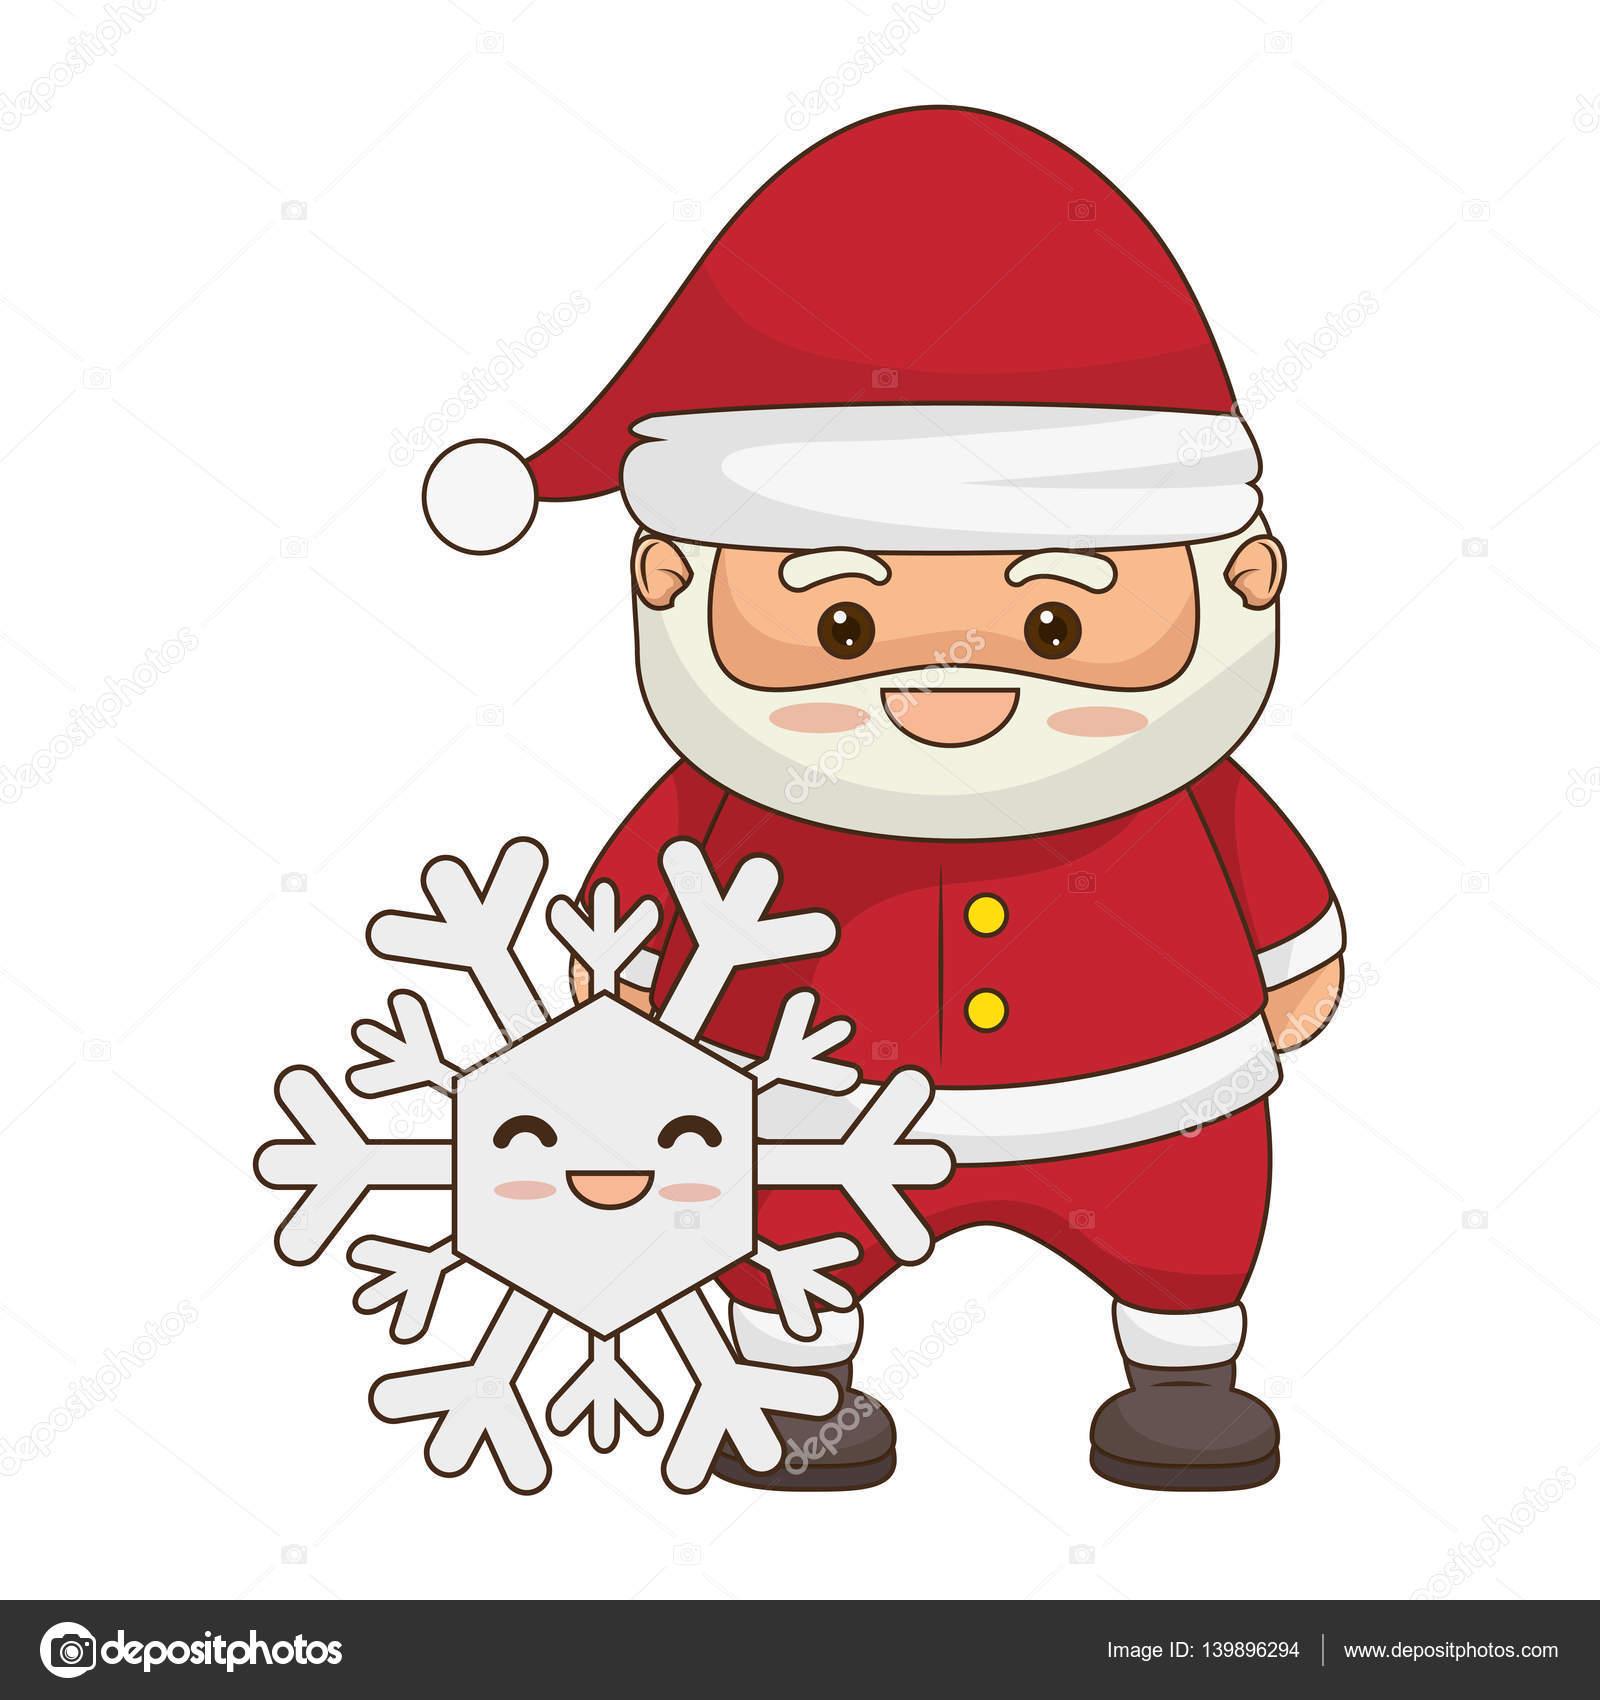 Immagini Natalizie Kawaii.Immagini Babbo Natale Kawaii Disegni Di Natale 2019